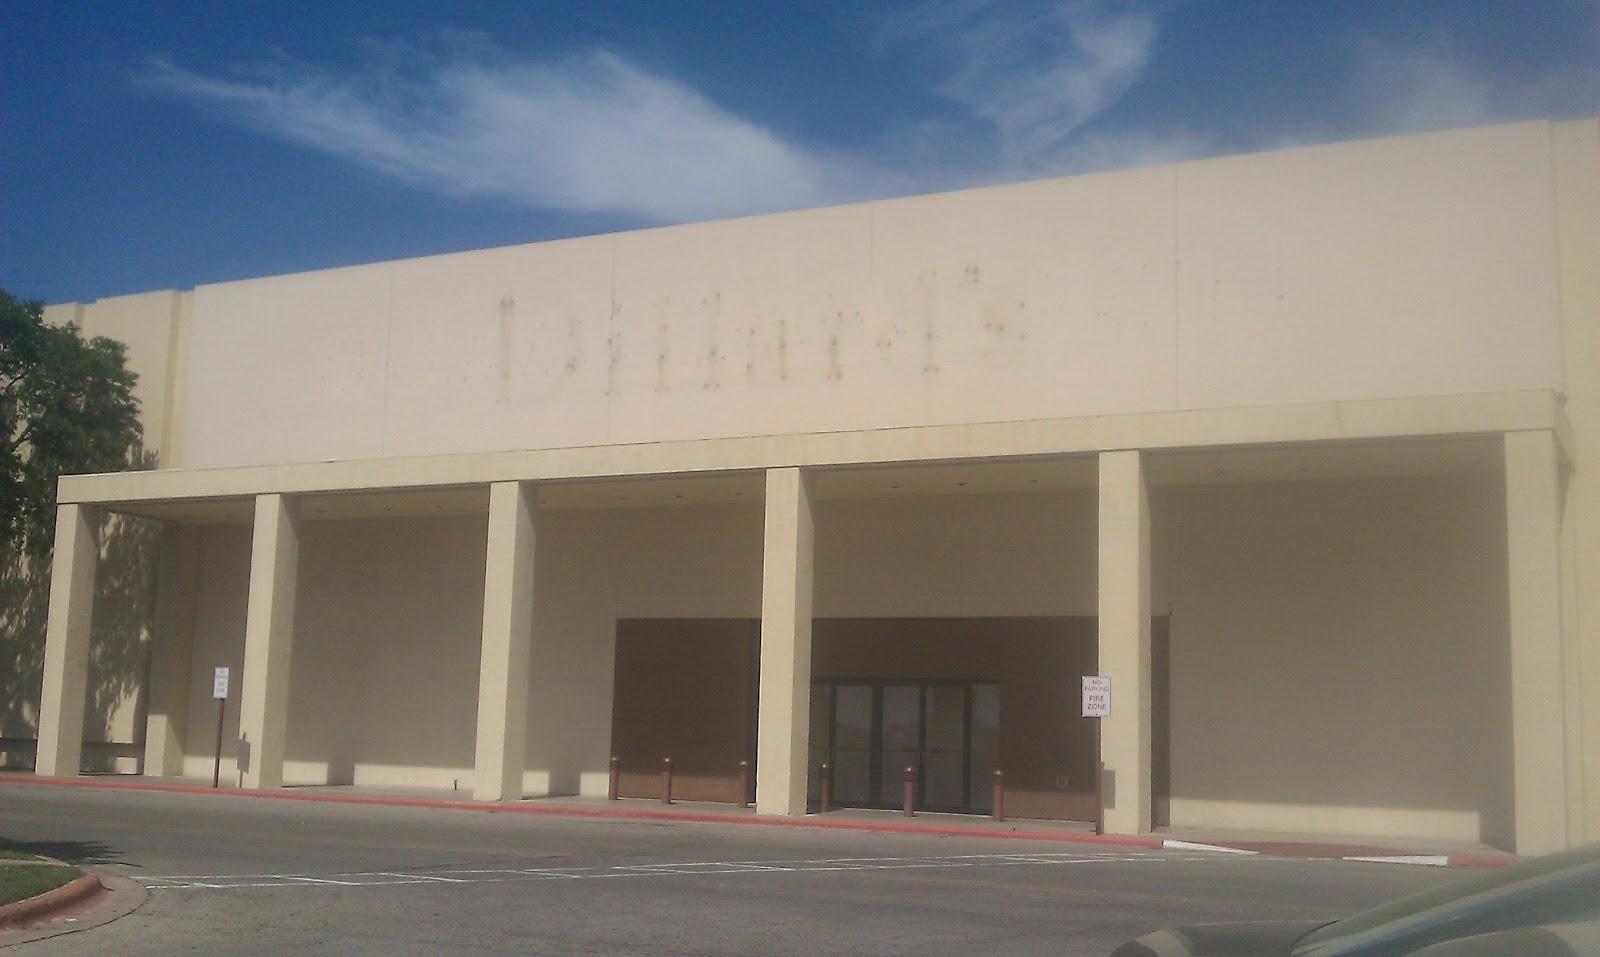 Former Dillardu0027s Menu0027s Store/ Clearance Center That Closed In 2011 .